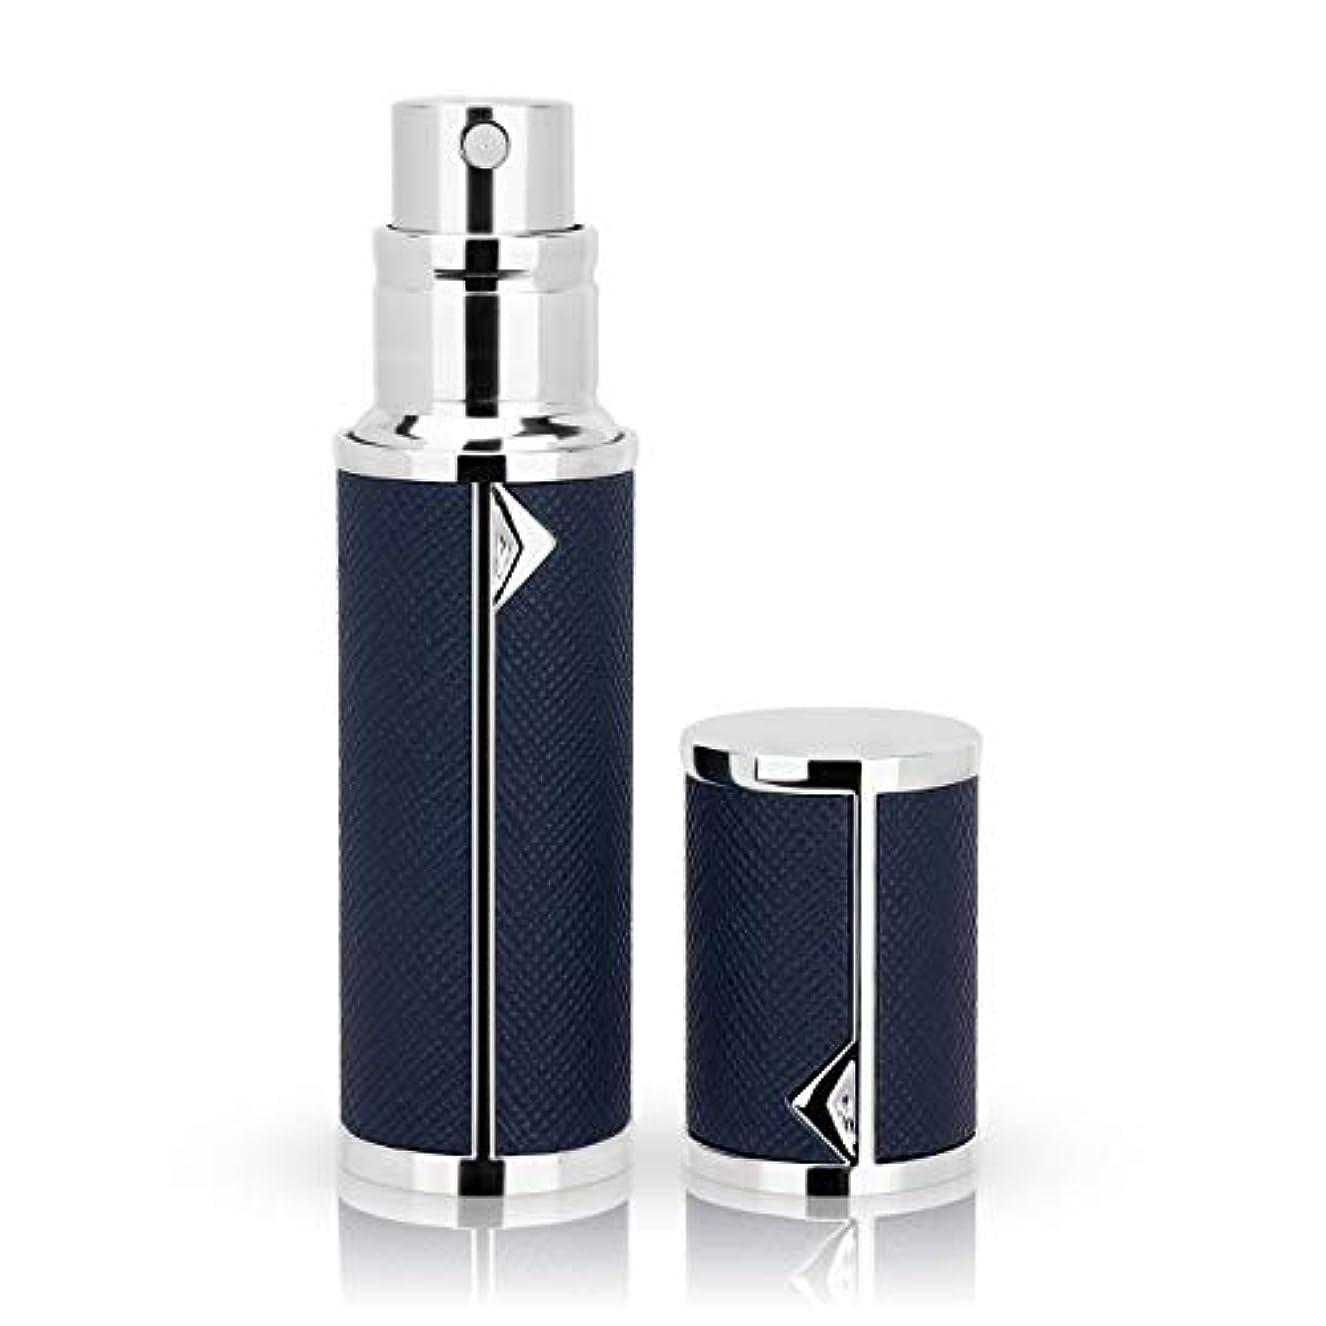 オゾンダーツ欠員アトマイザー 香水アトマイザー 詰め替え Louischanzl 香水噴霧器 2-2.5mm径 5ml PUレザー レディース メンズ (紺色DarkBlue)